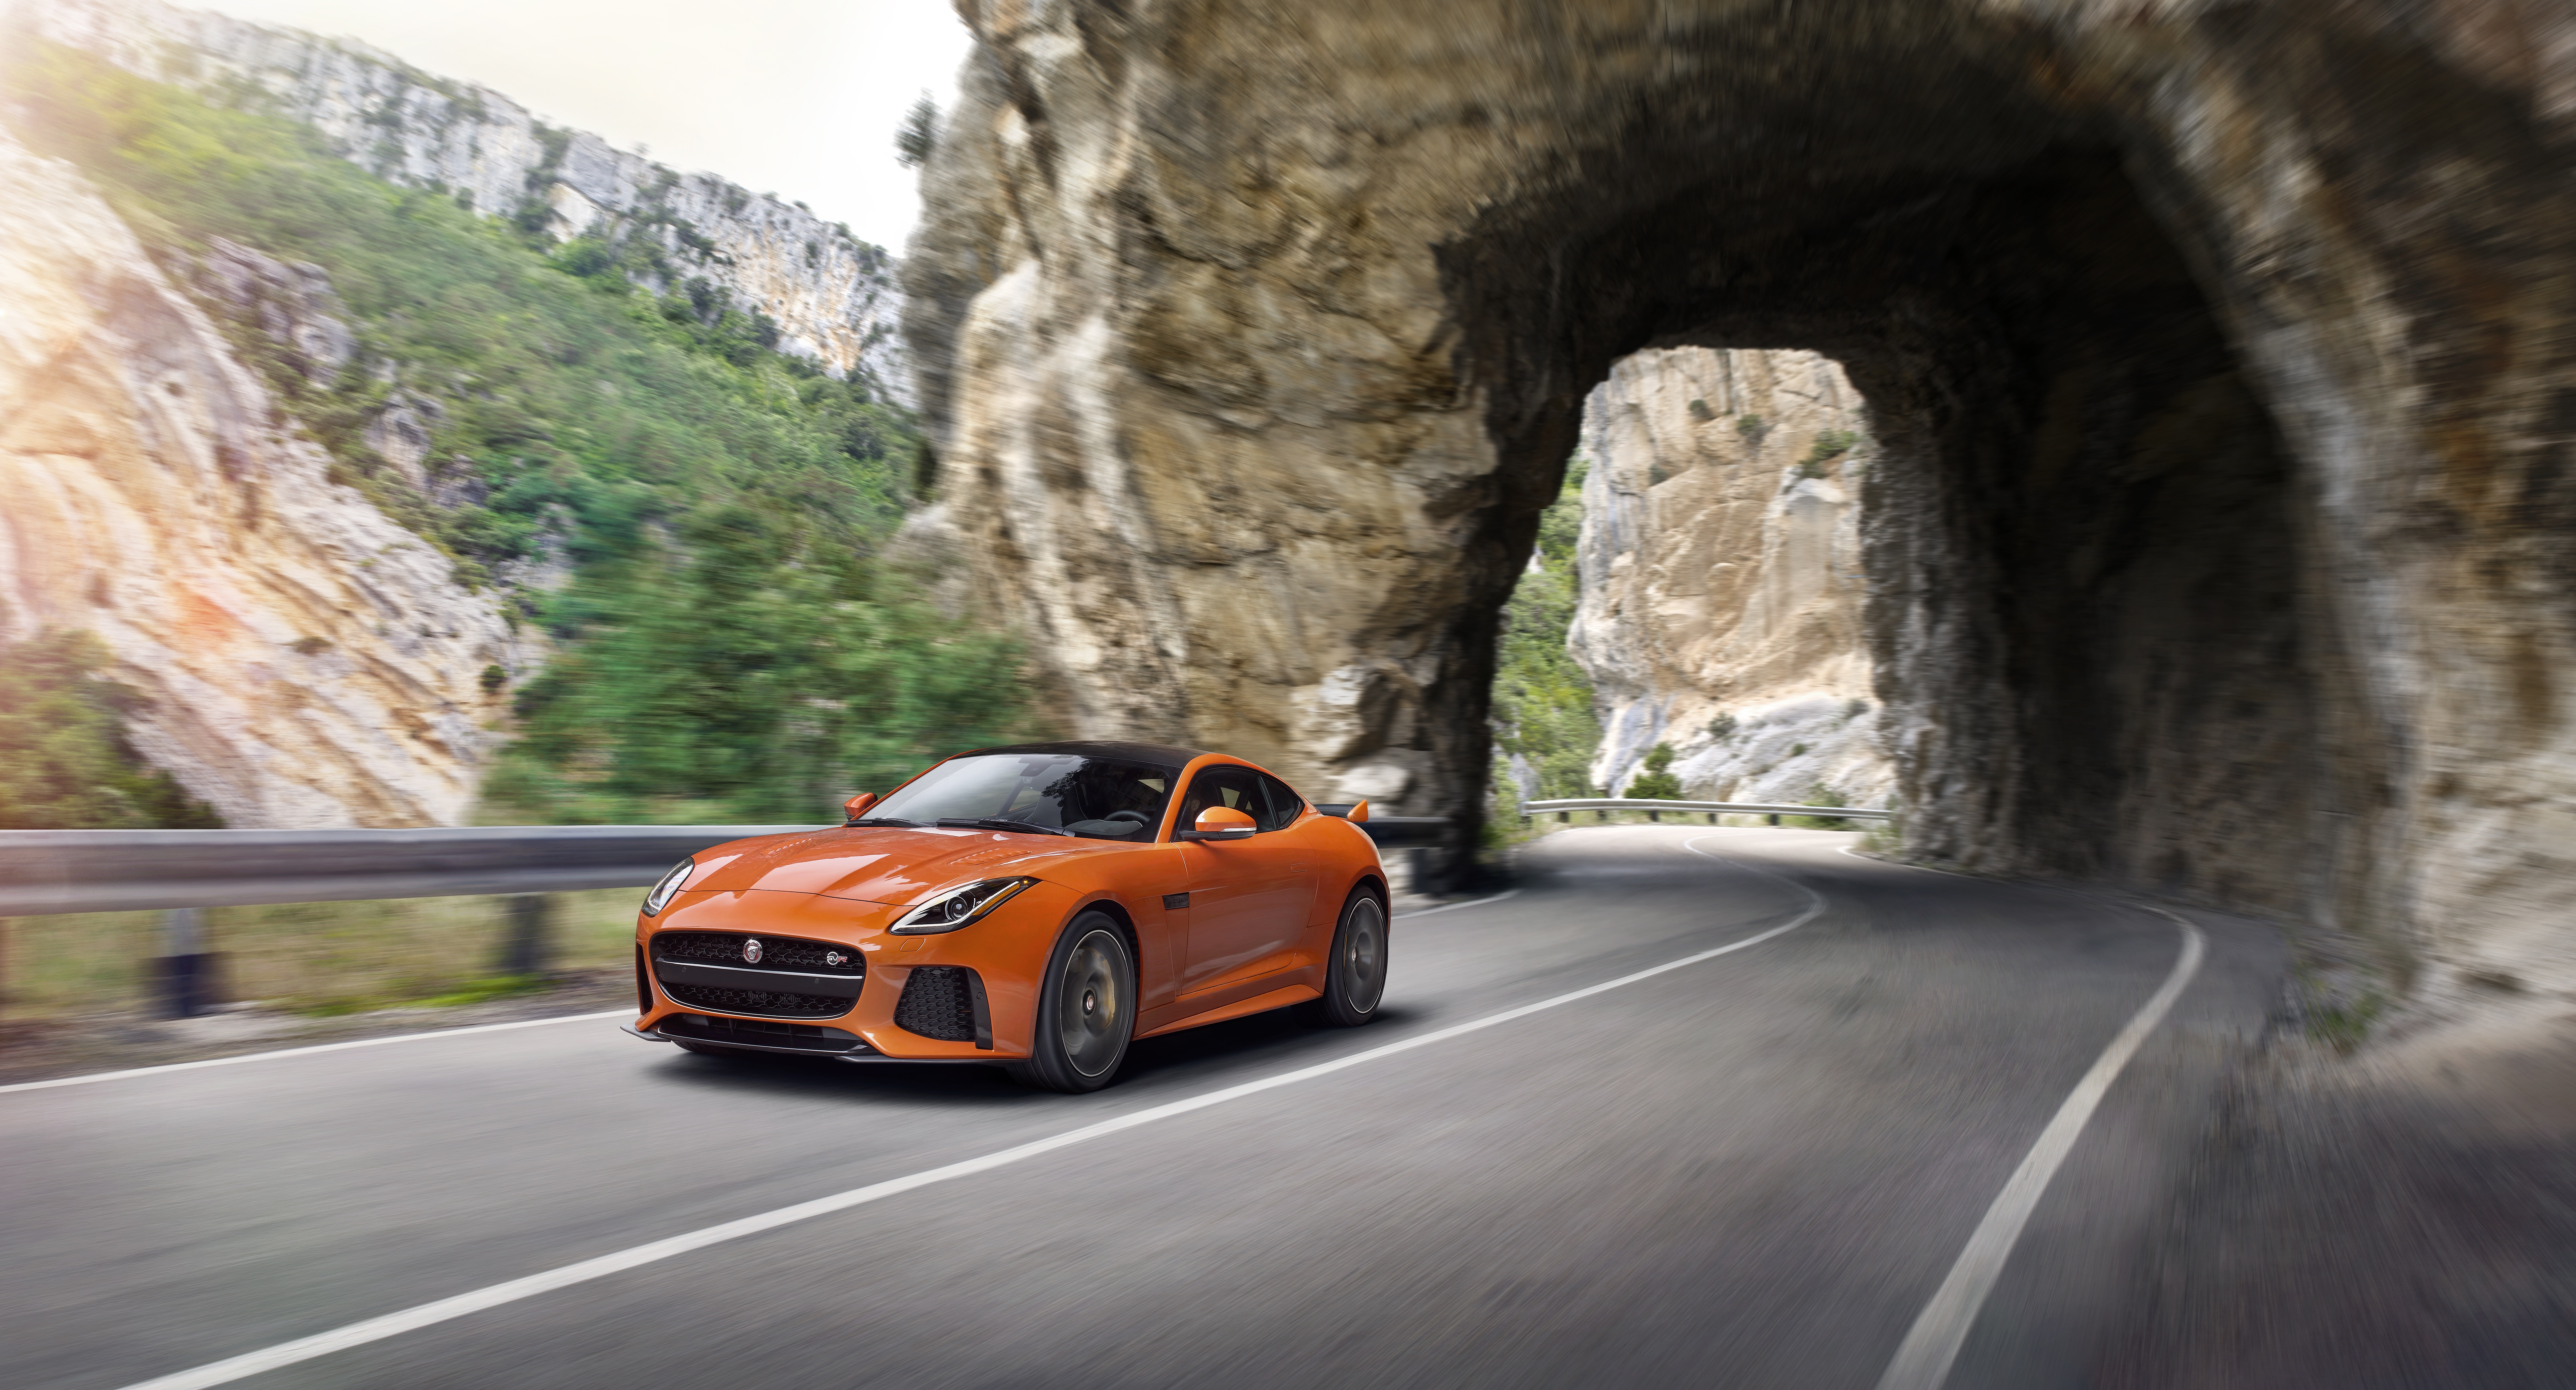 2018 Jaguar F Type >> 2016 Jaguar F-Type SVR – 567 hp, 700 Nm, 321 km/h Paul Tan - Image 442936